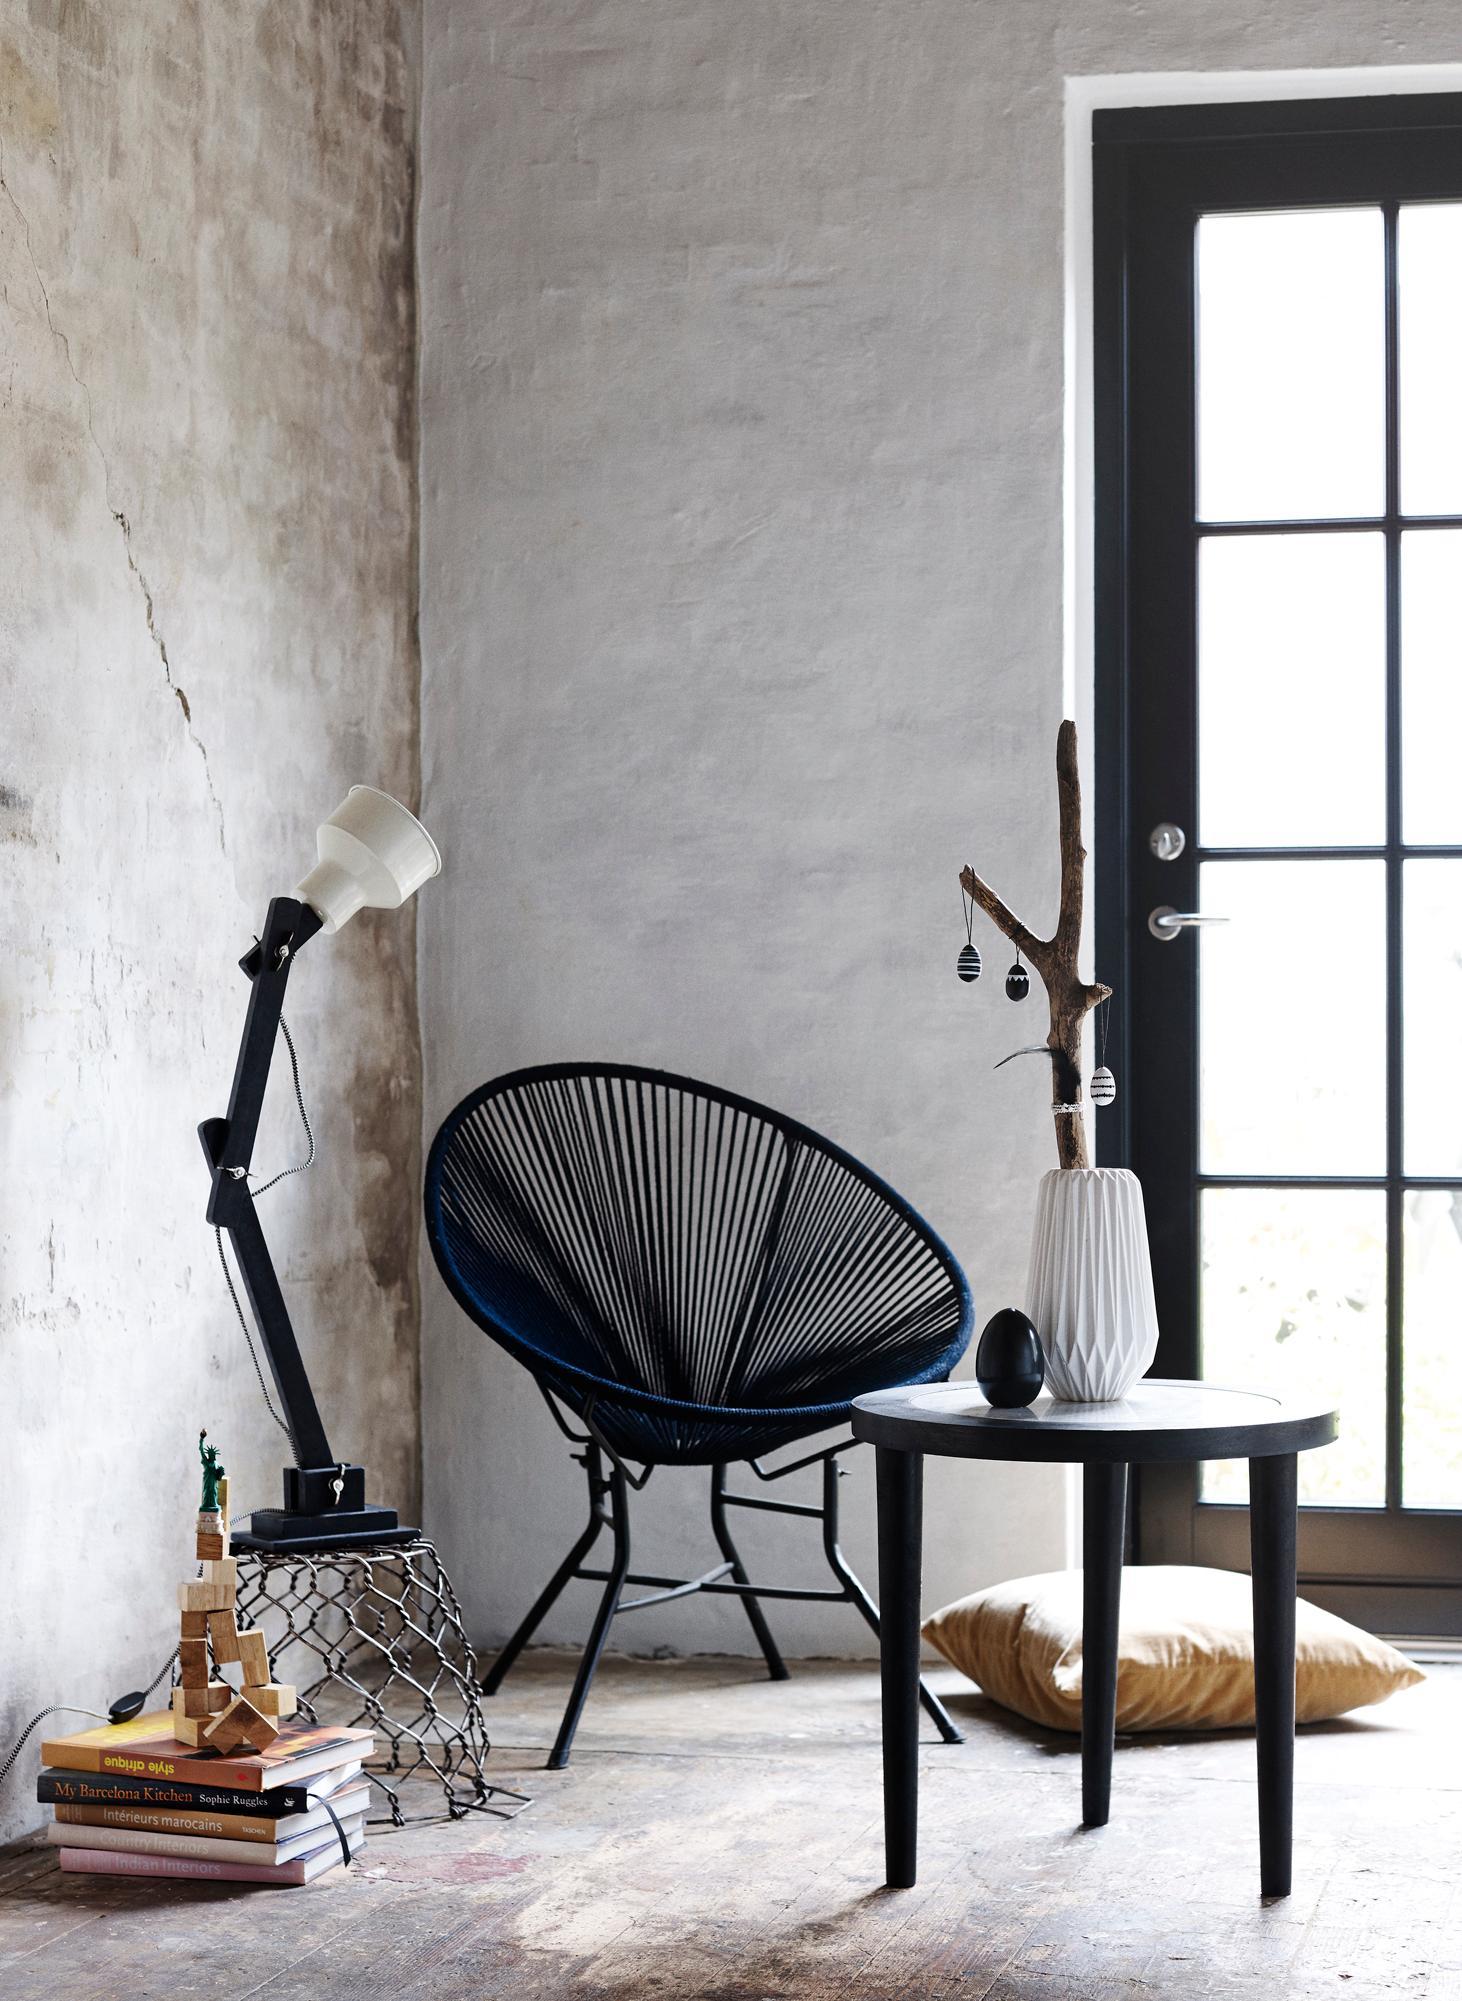 stehlampe seite 6 bilder ideen couchstyle. Black Bedroom Furniture Sets. Home Design Ideas